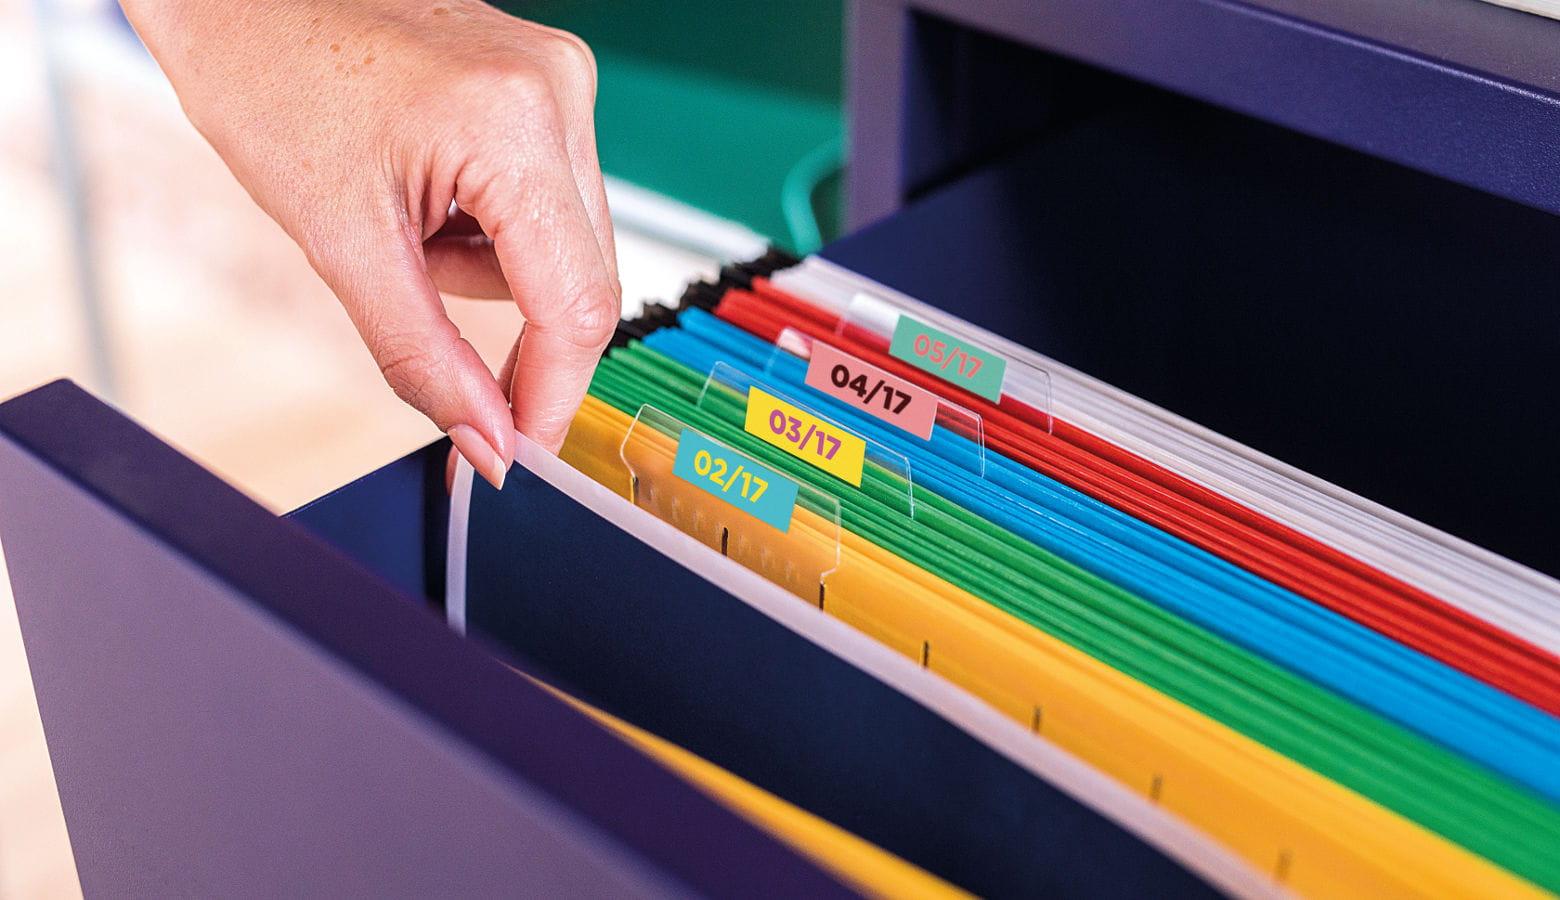 Archivador con carpetas de colores con etiquetas